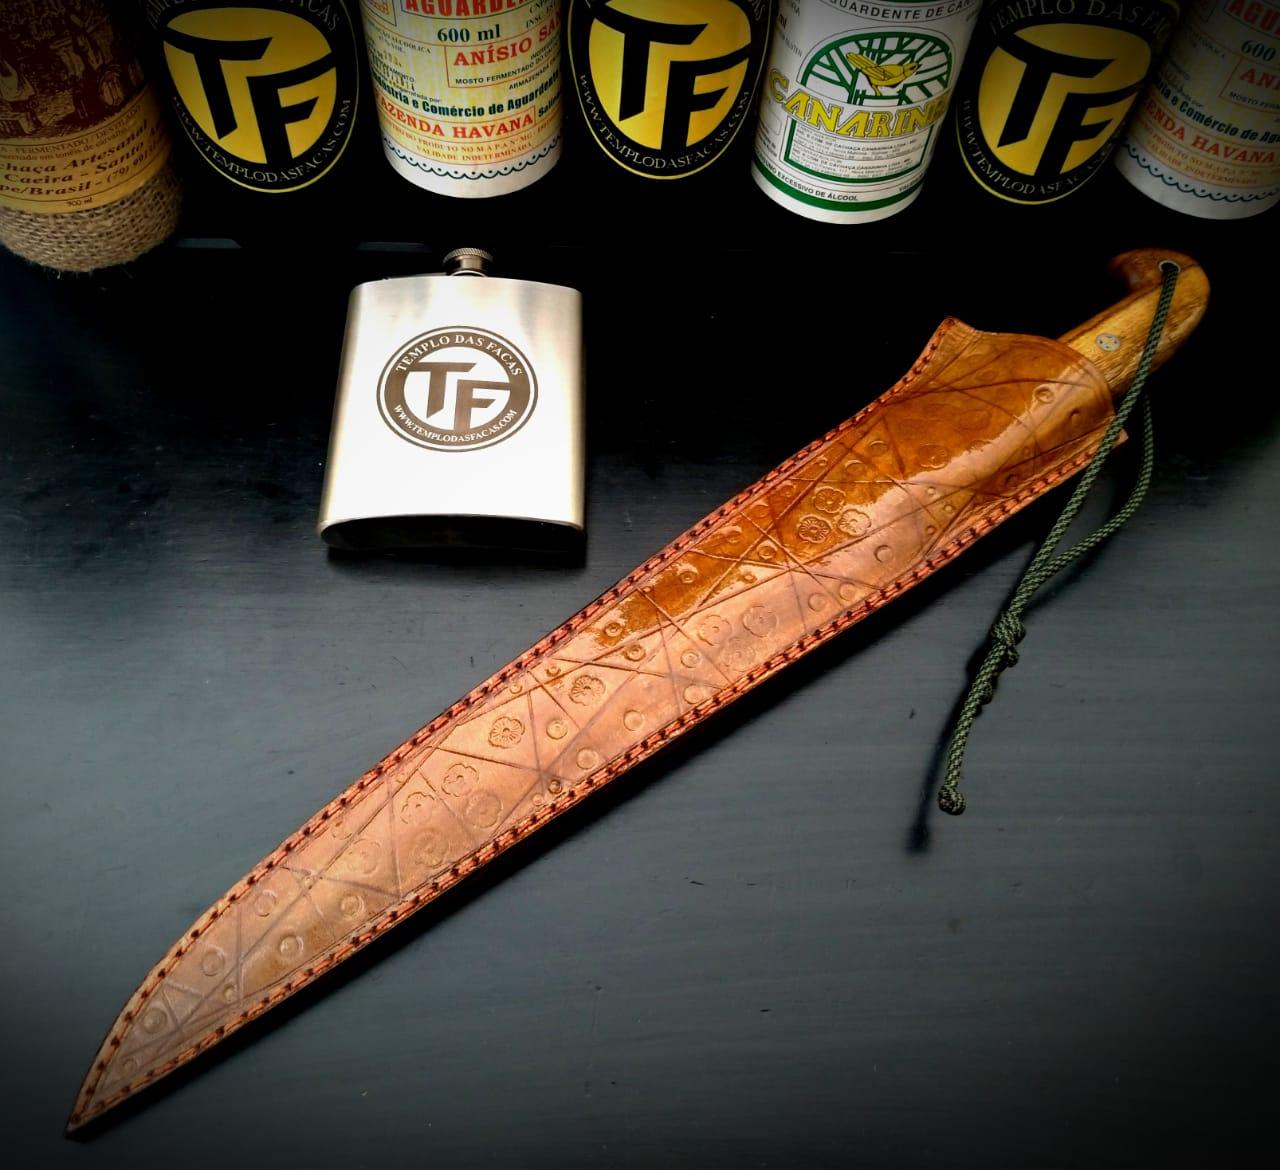 Faca artesanal templo das facas modelo jack boar 12 polegadas